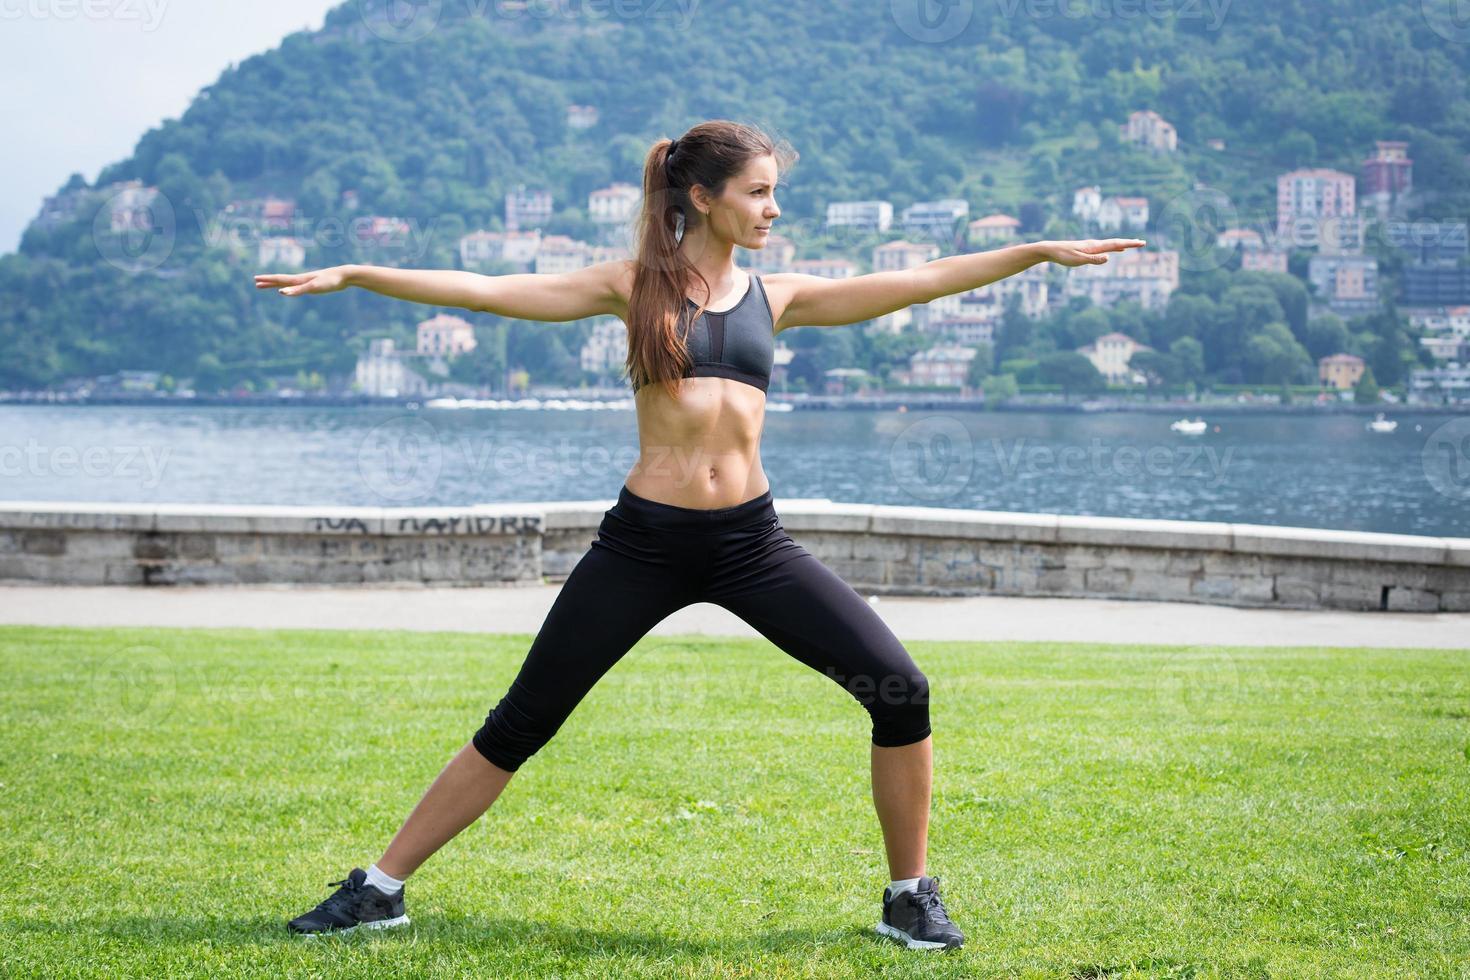 jovem mulher atraente fazendo exercícios ao ar livre foto